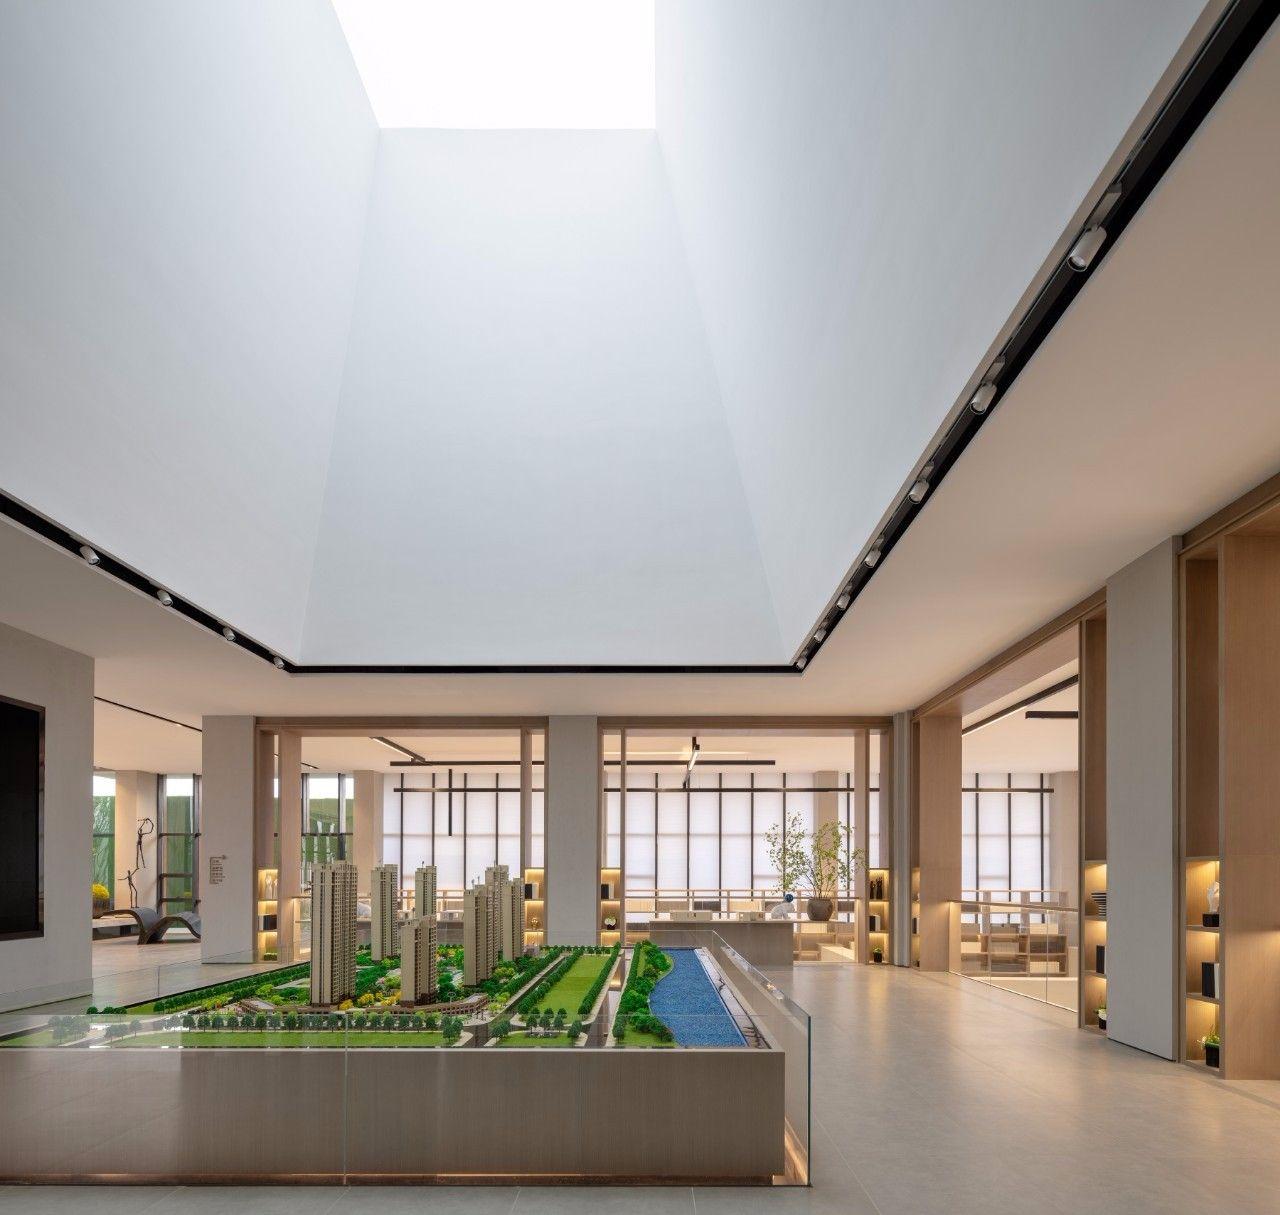 【G&K新作】武汉最艺术的沉浸体验式售楼处设计|G&K建筑设计咨询有限公司 - 10